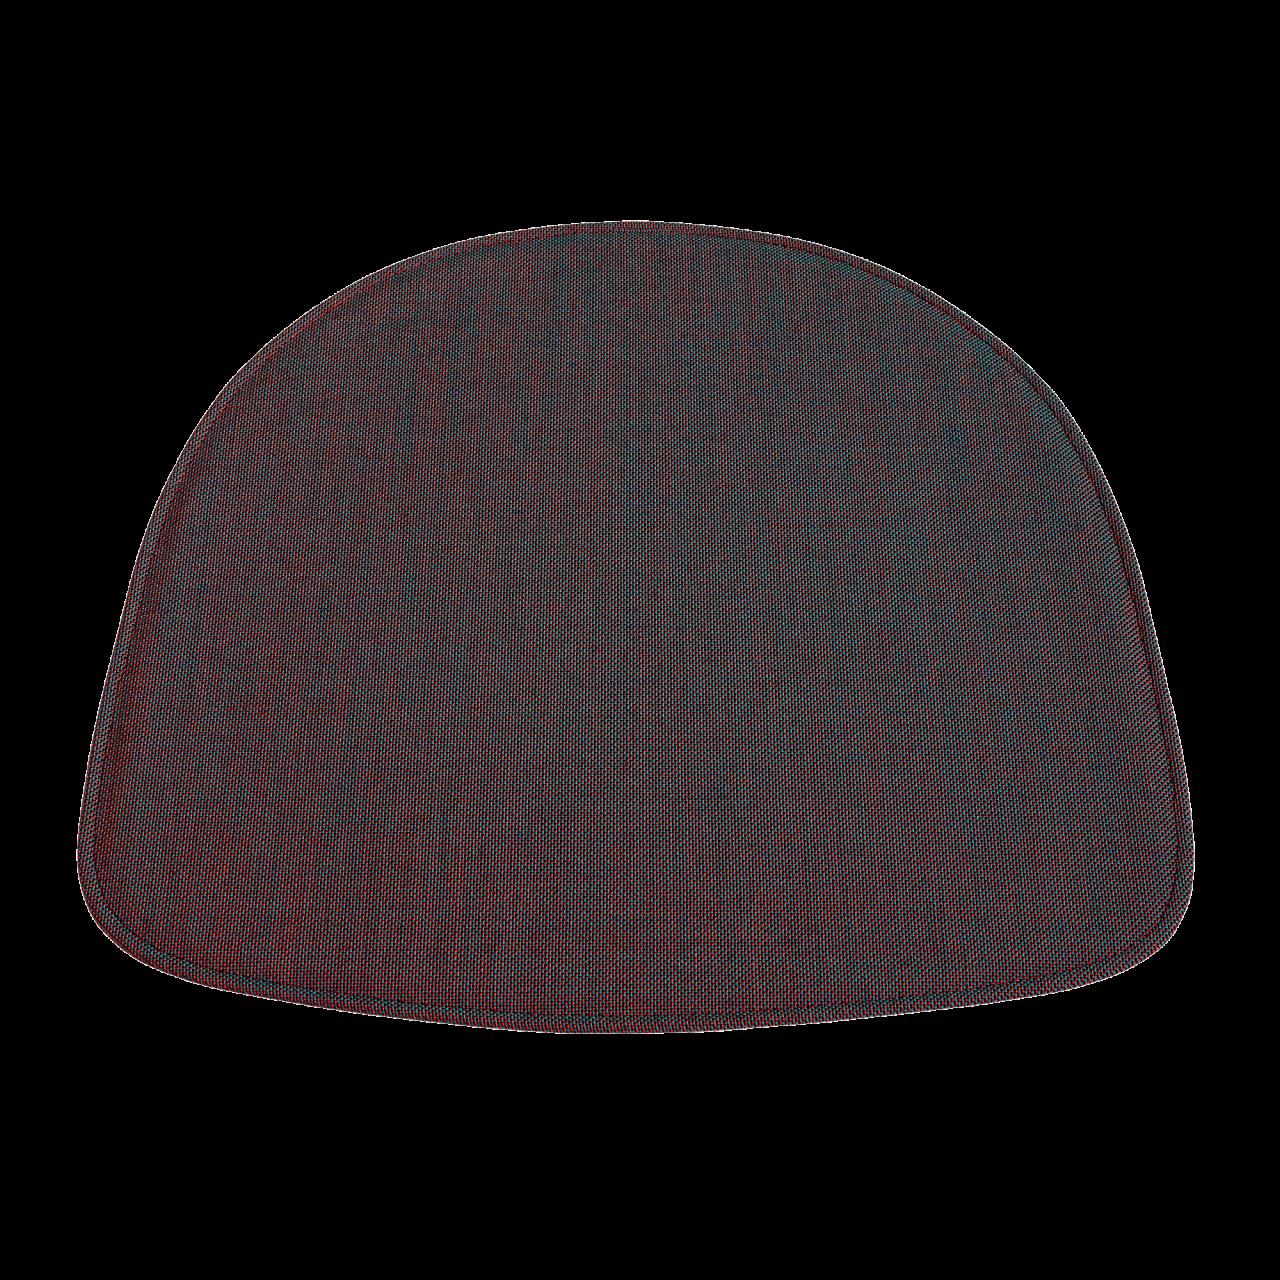 Seat Pad für About A Chair Sitzkissen